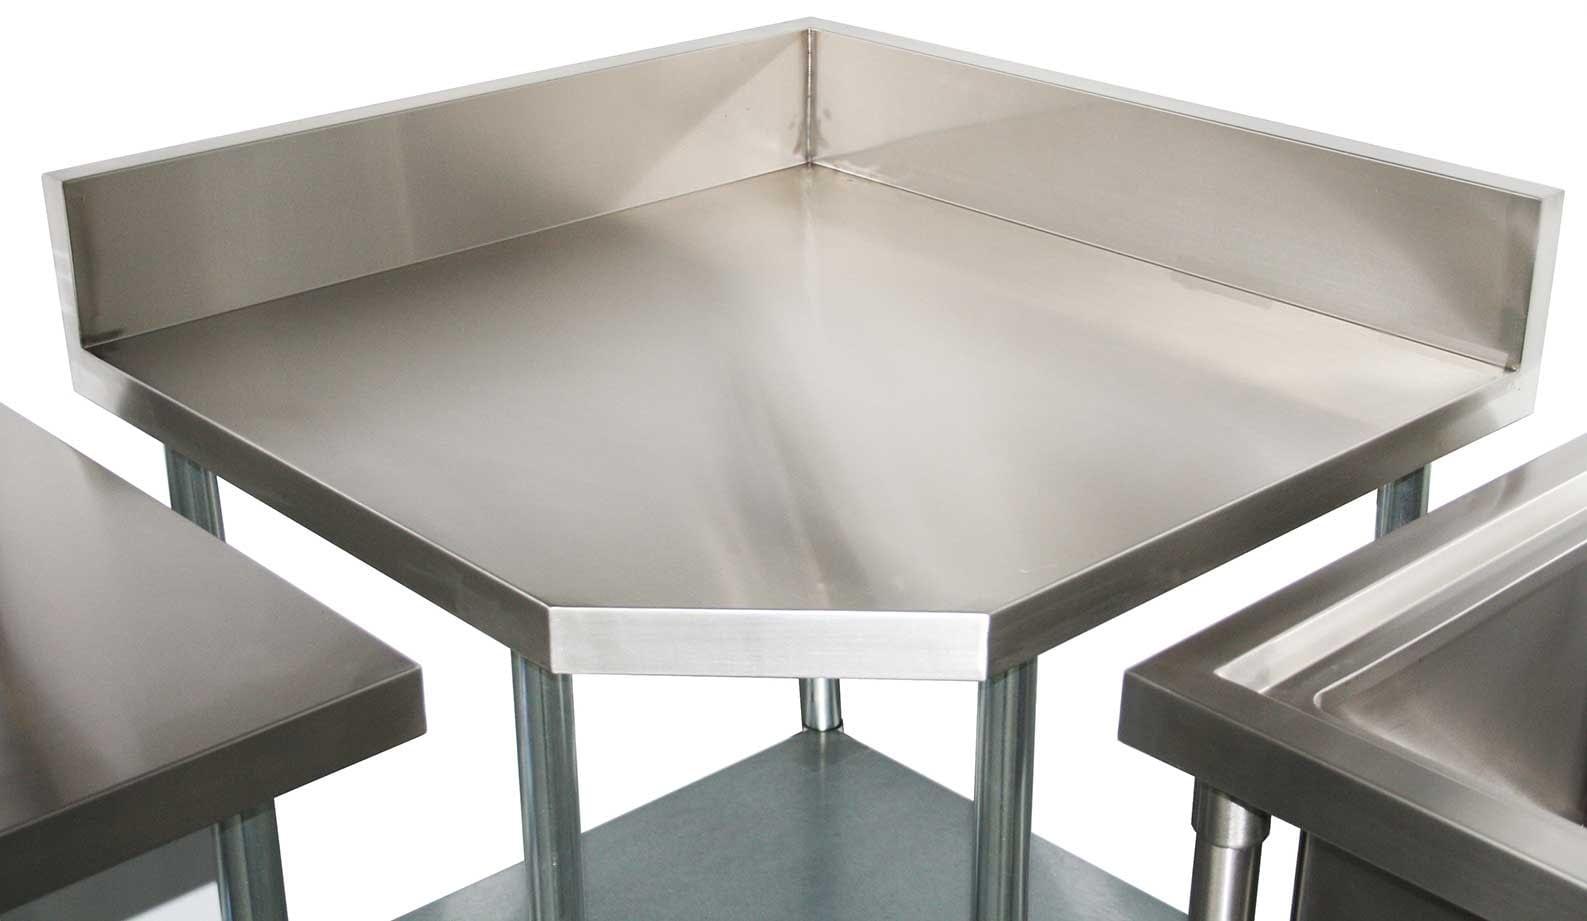 Commercial Grade Stainless Steel Corner 900mm Splashback Bench, 900 x 900 x 900mm high